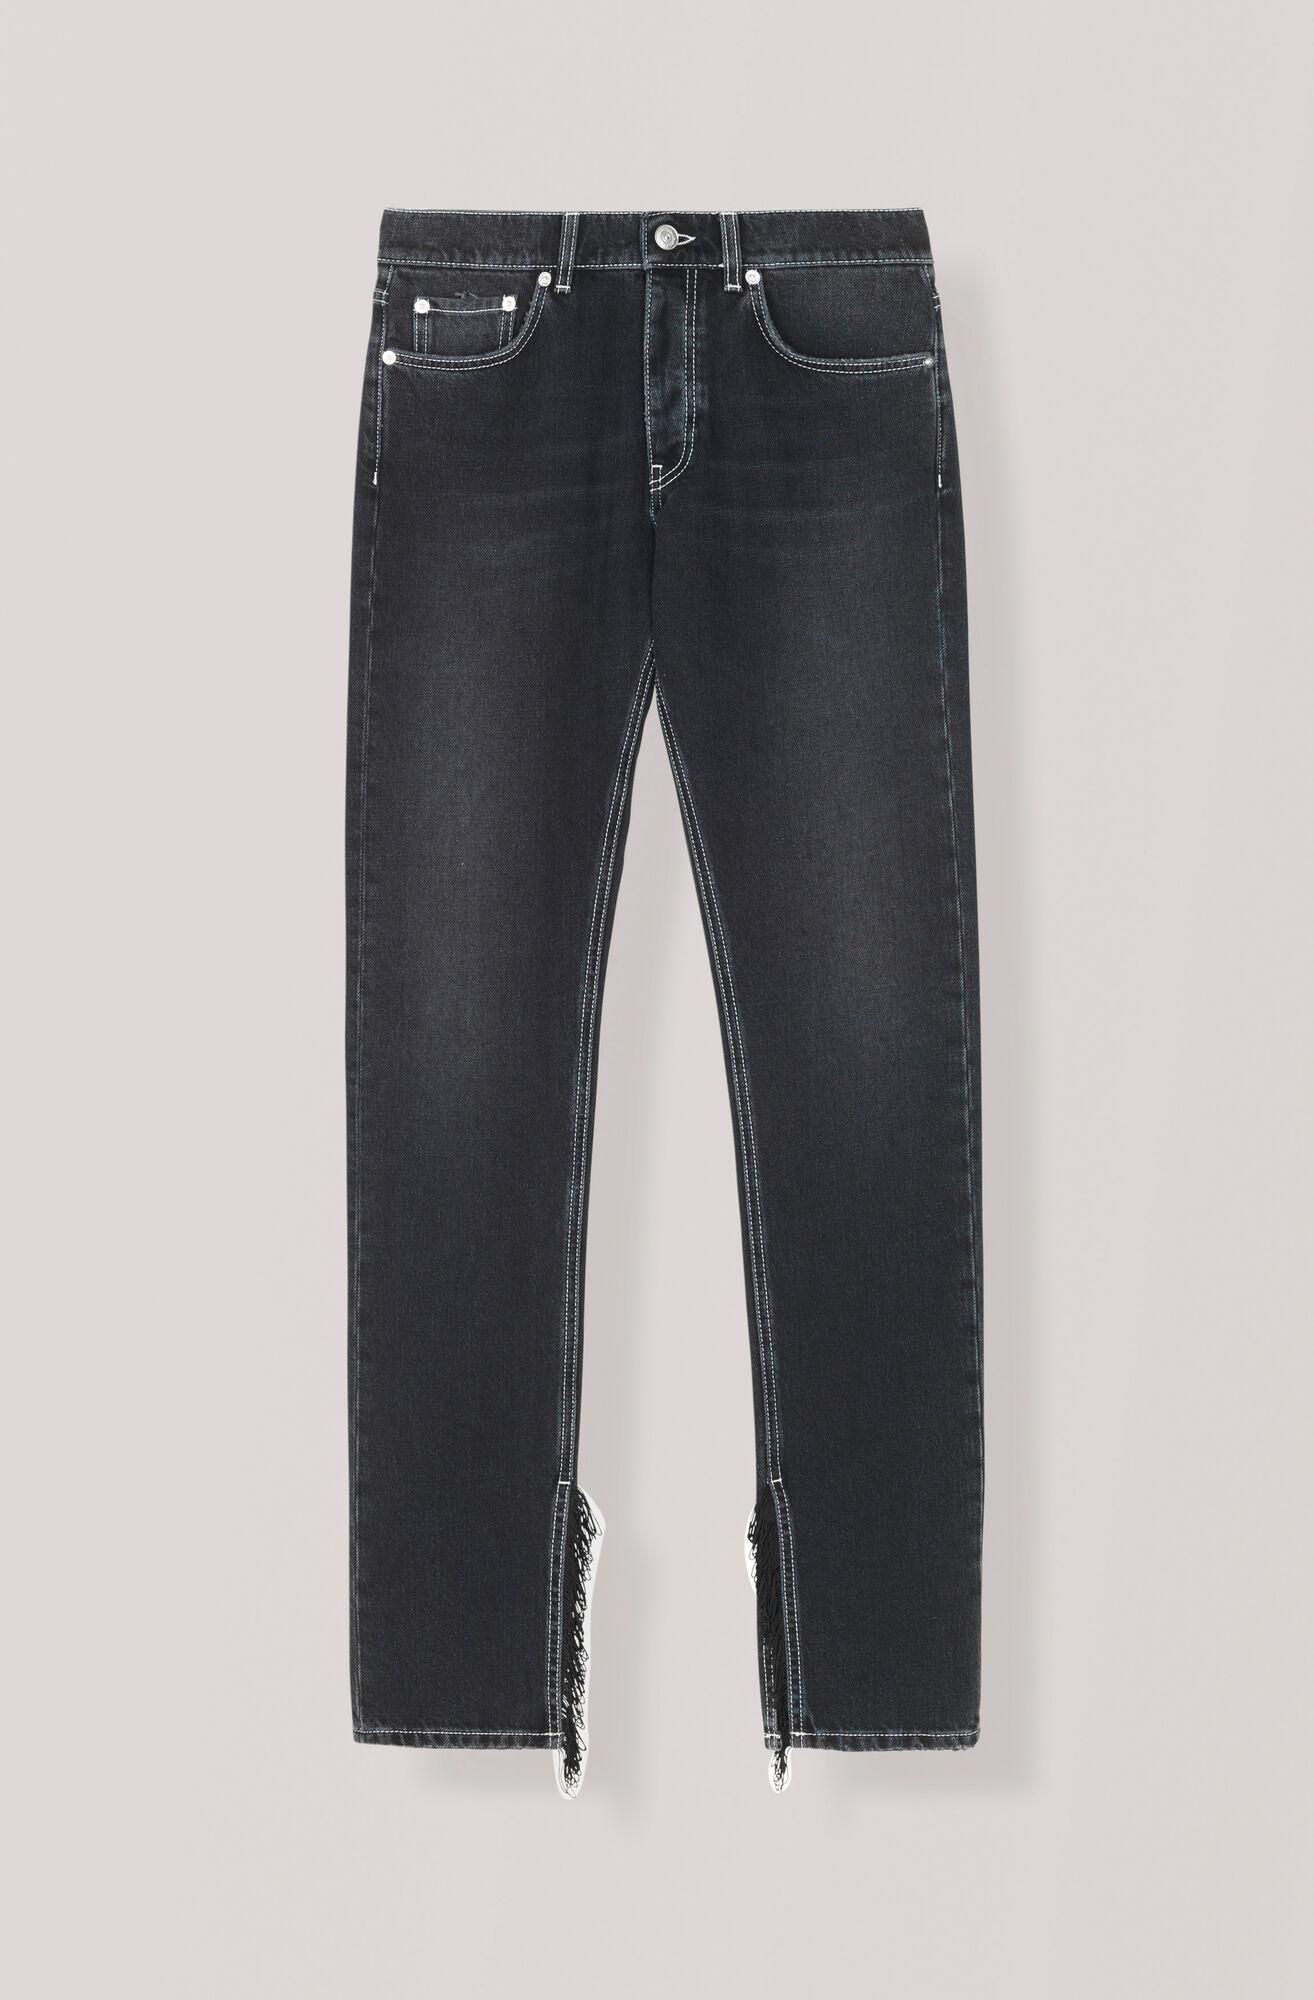 Black Washed Denim Slit Fringe Pants, Black Washed, hi-res